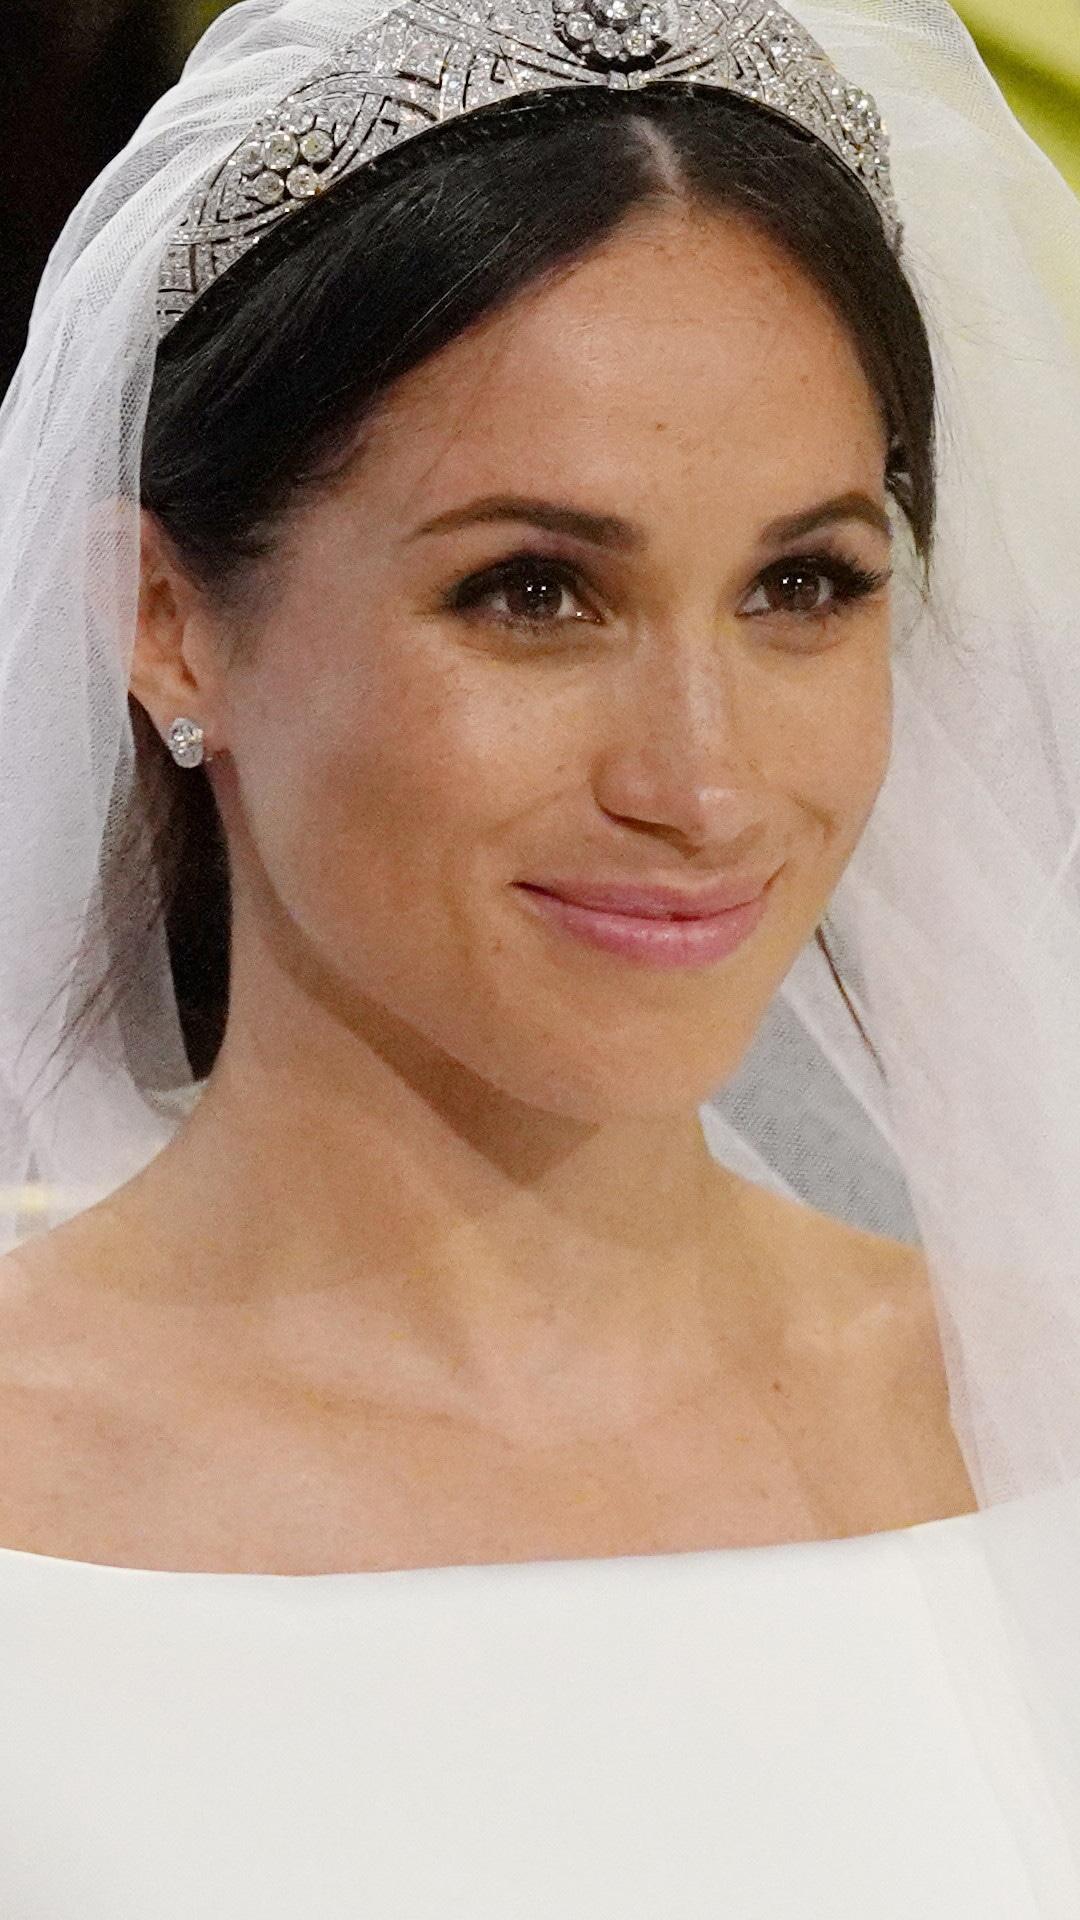 ESC: Meghan Markle, Wedding, beauty